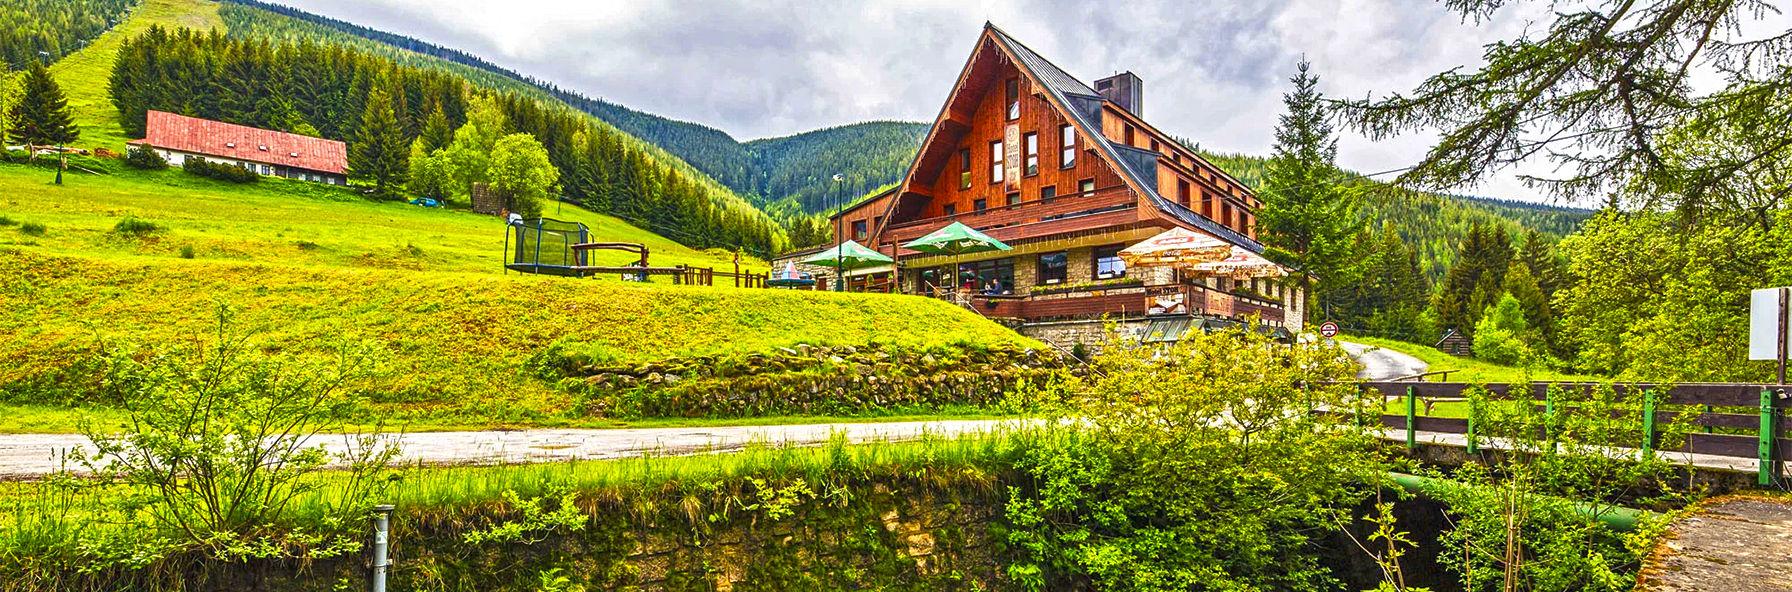 Aktivně relaxační pobyt ve Špindlerově Mlýně pro páry i rodiny